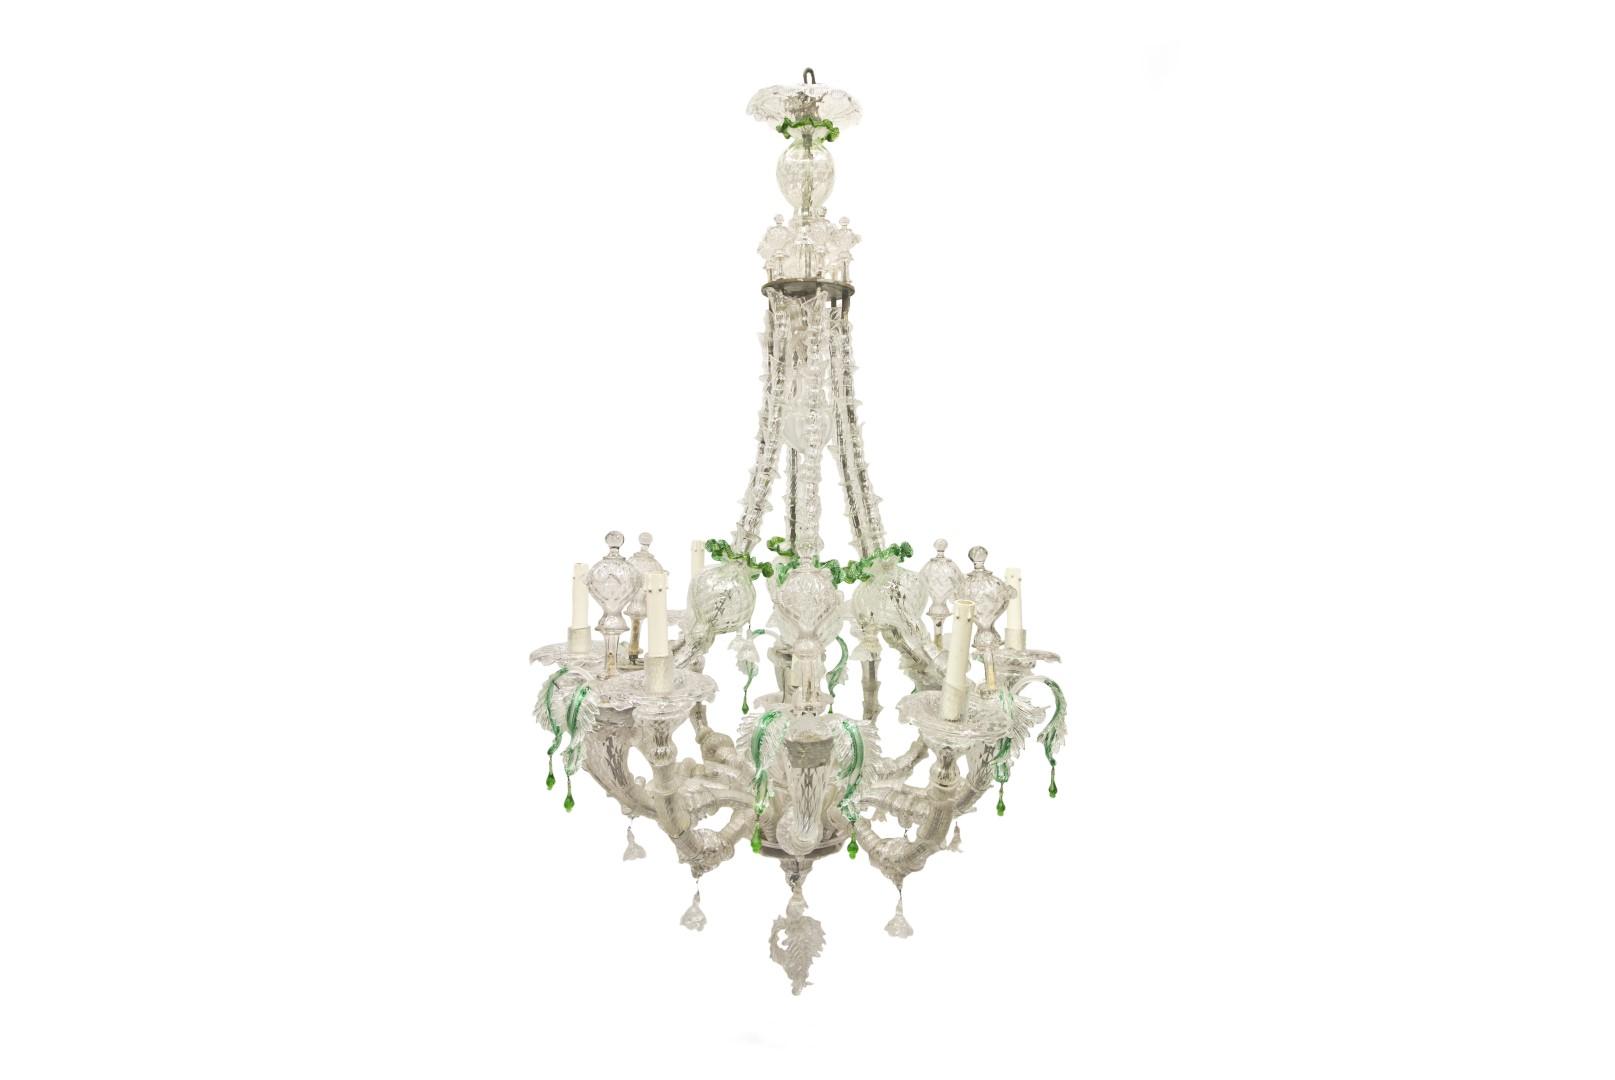 Lampadari antichi in vetro   Albrici Firenze -> Lampadari Antichi Capodimonte